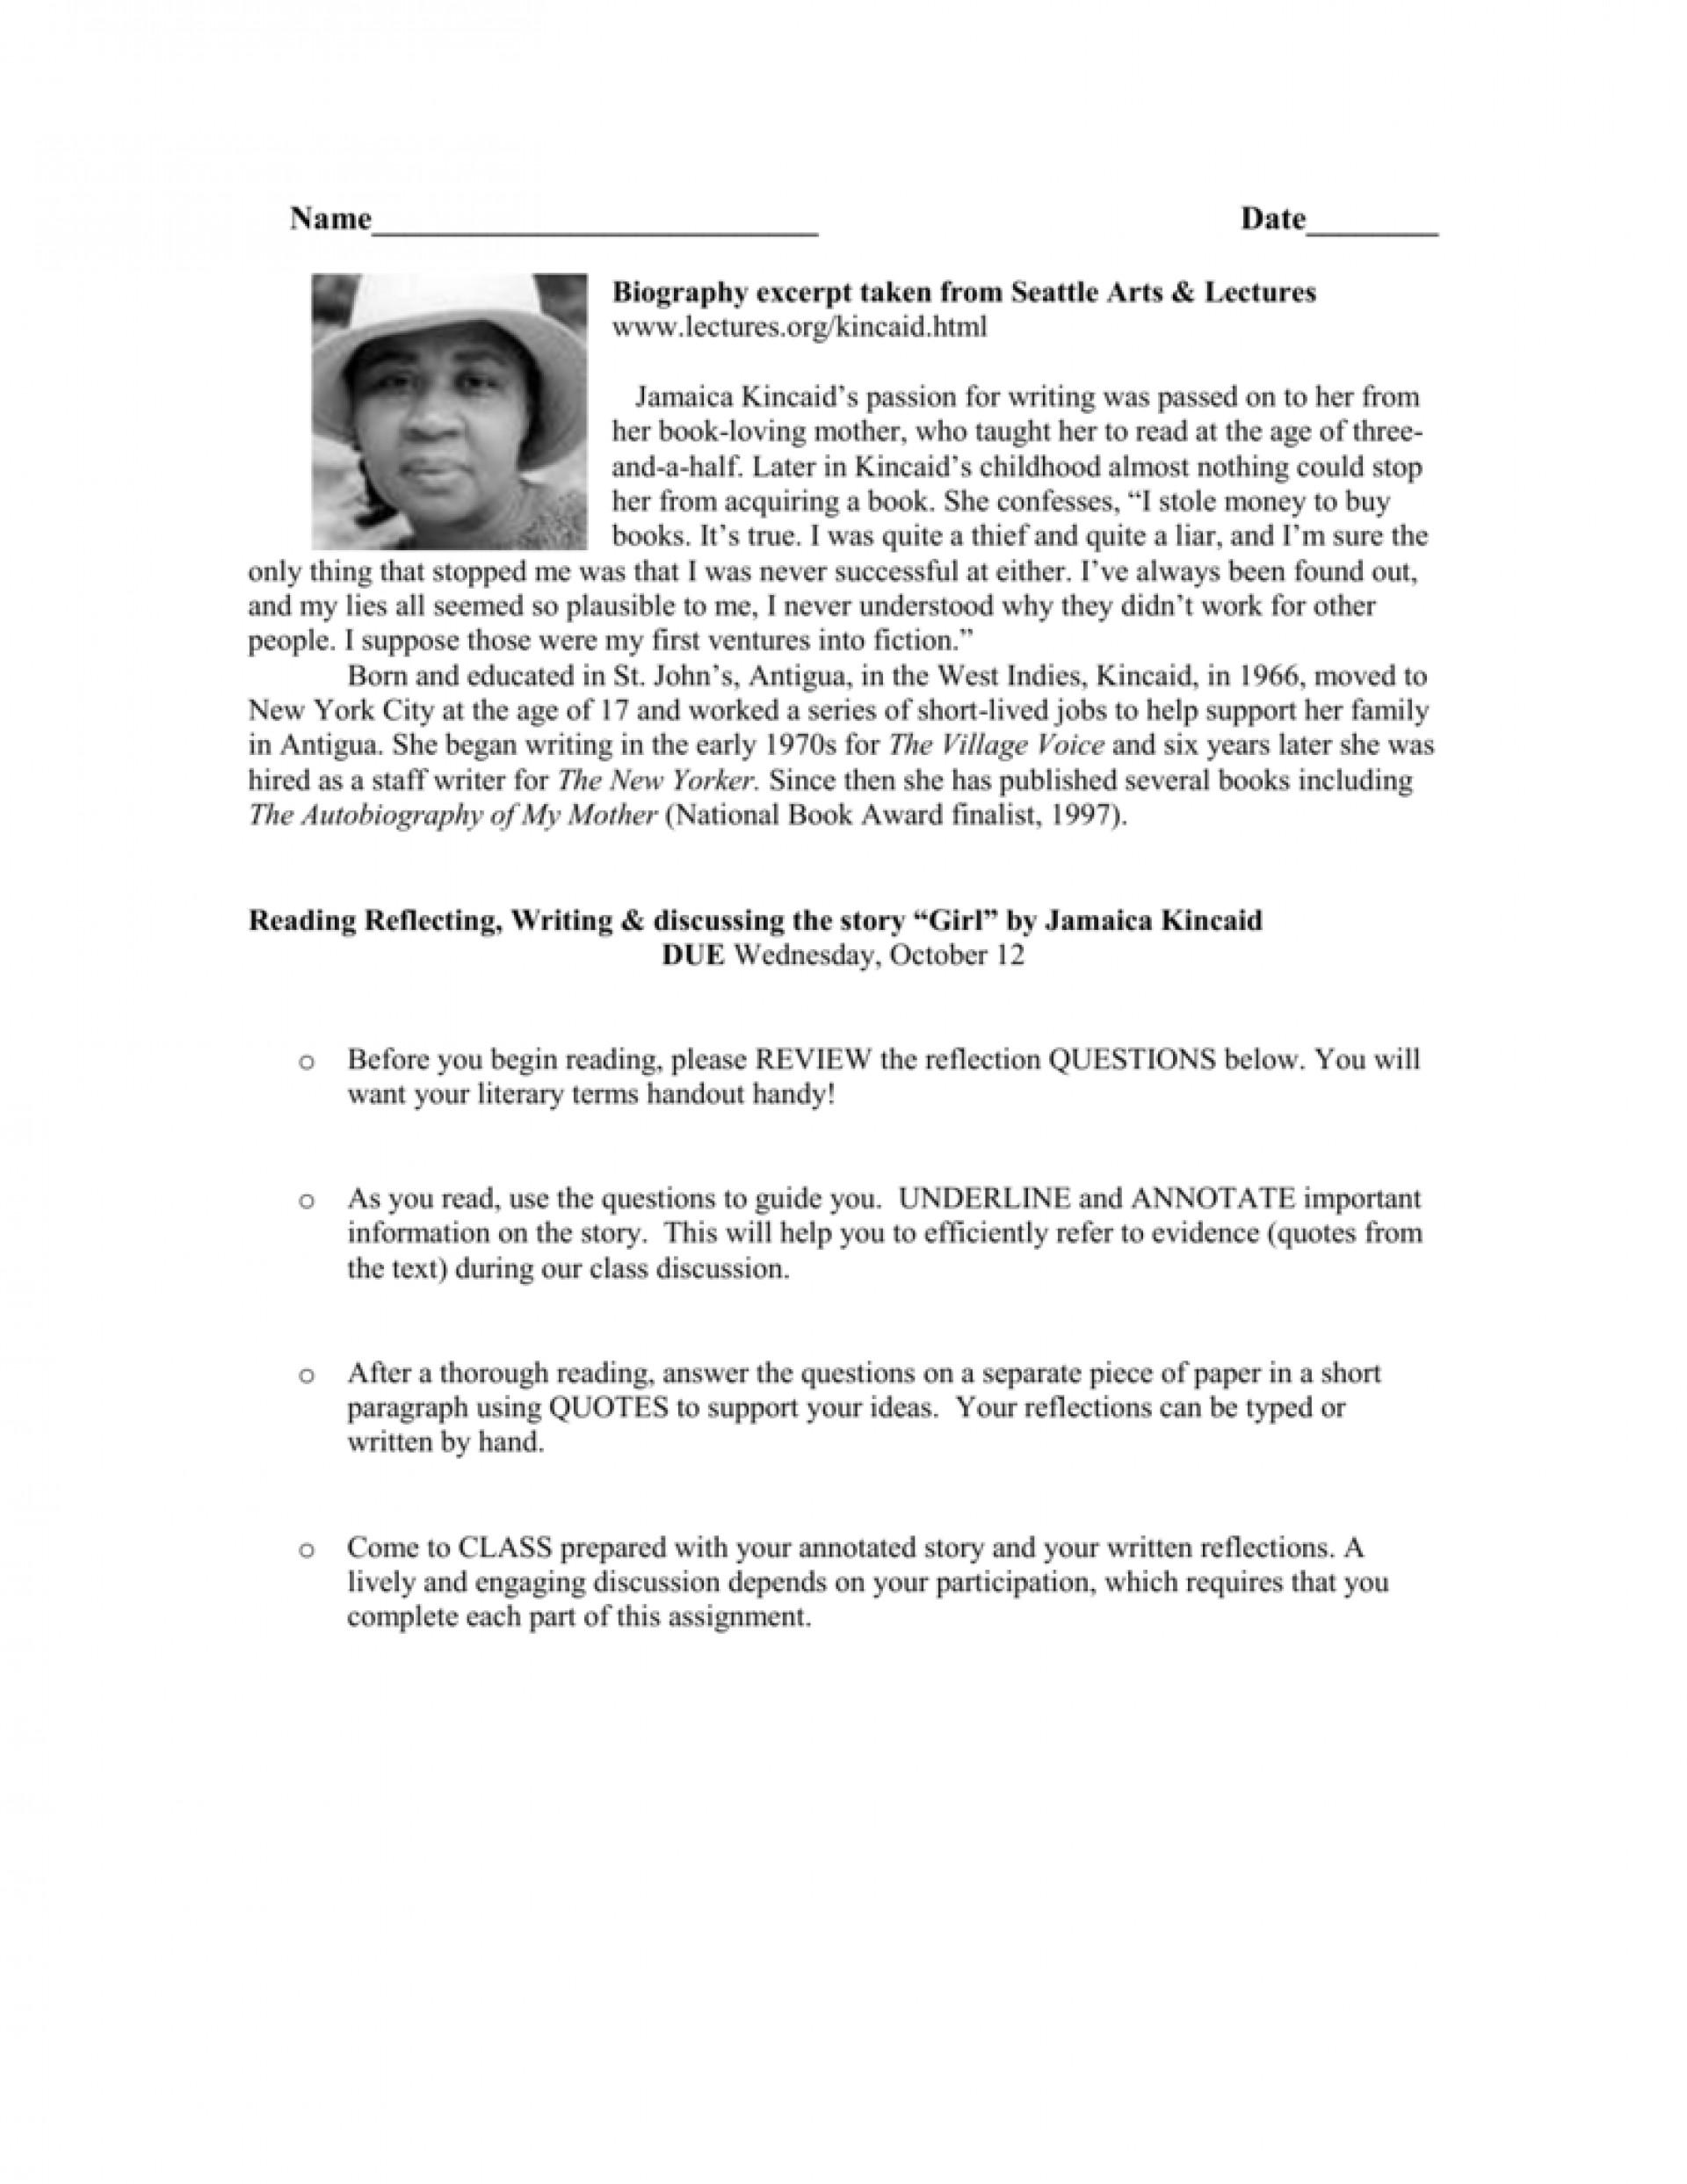 010 008004157 1 Girl By Jamaica Kincaid Essay Marvelous 1920